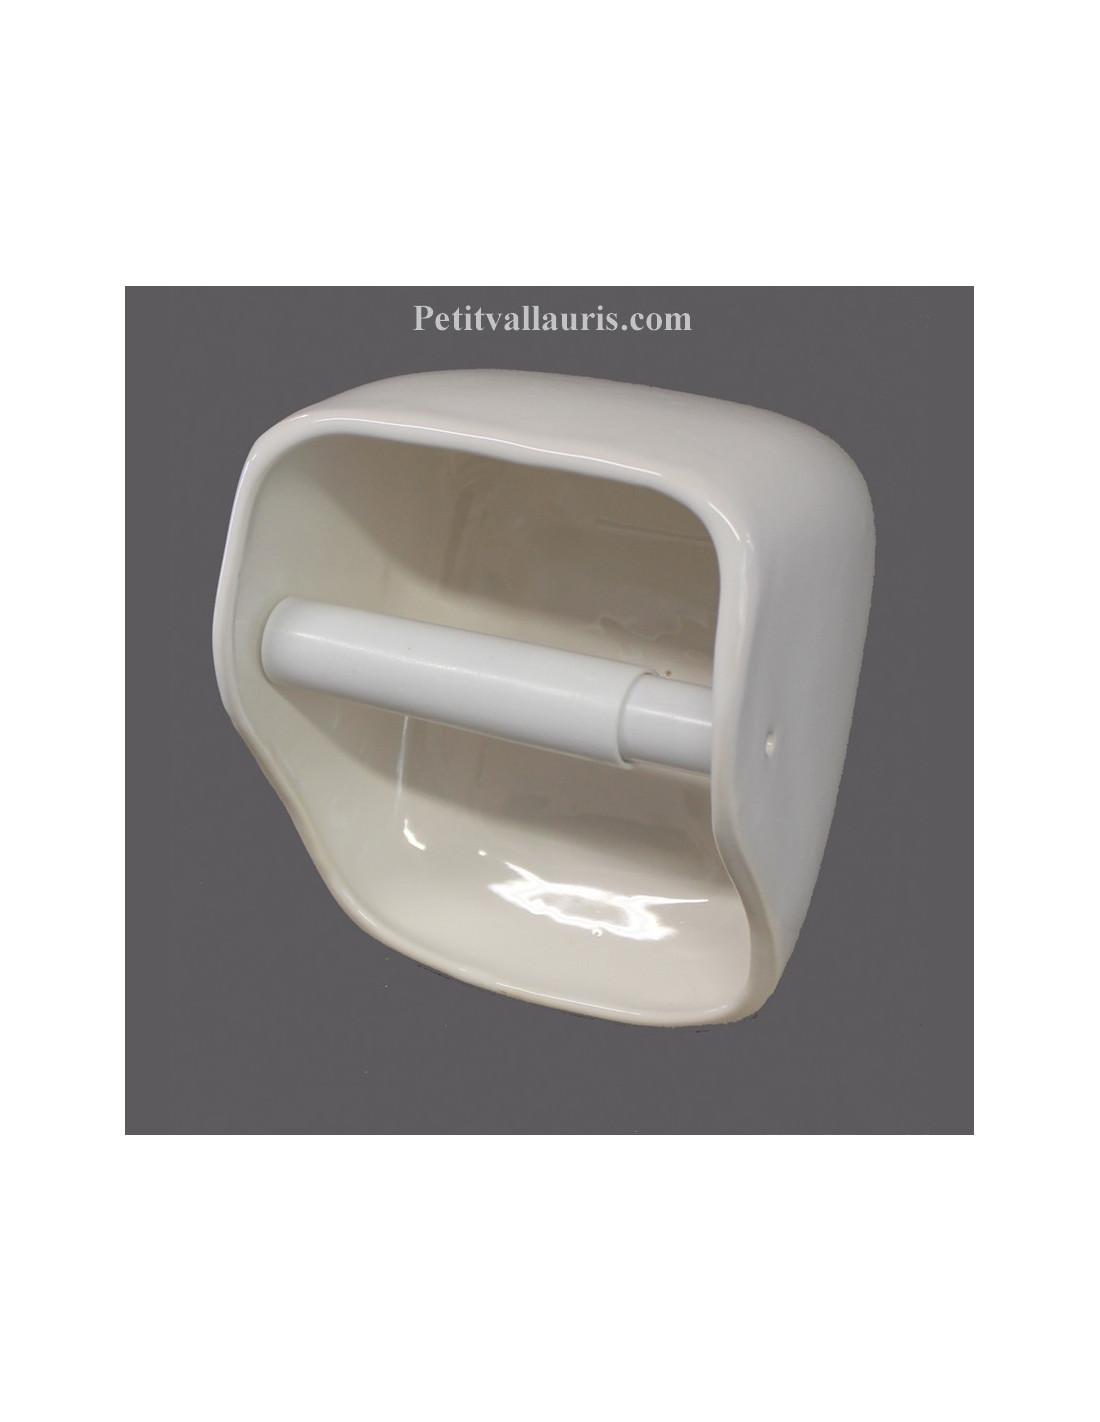 Derouleur d vidoir de papier toilette en c ramique mod le ouvert maill uni blanc - Devidoir de papier toilette ...